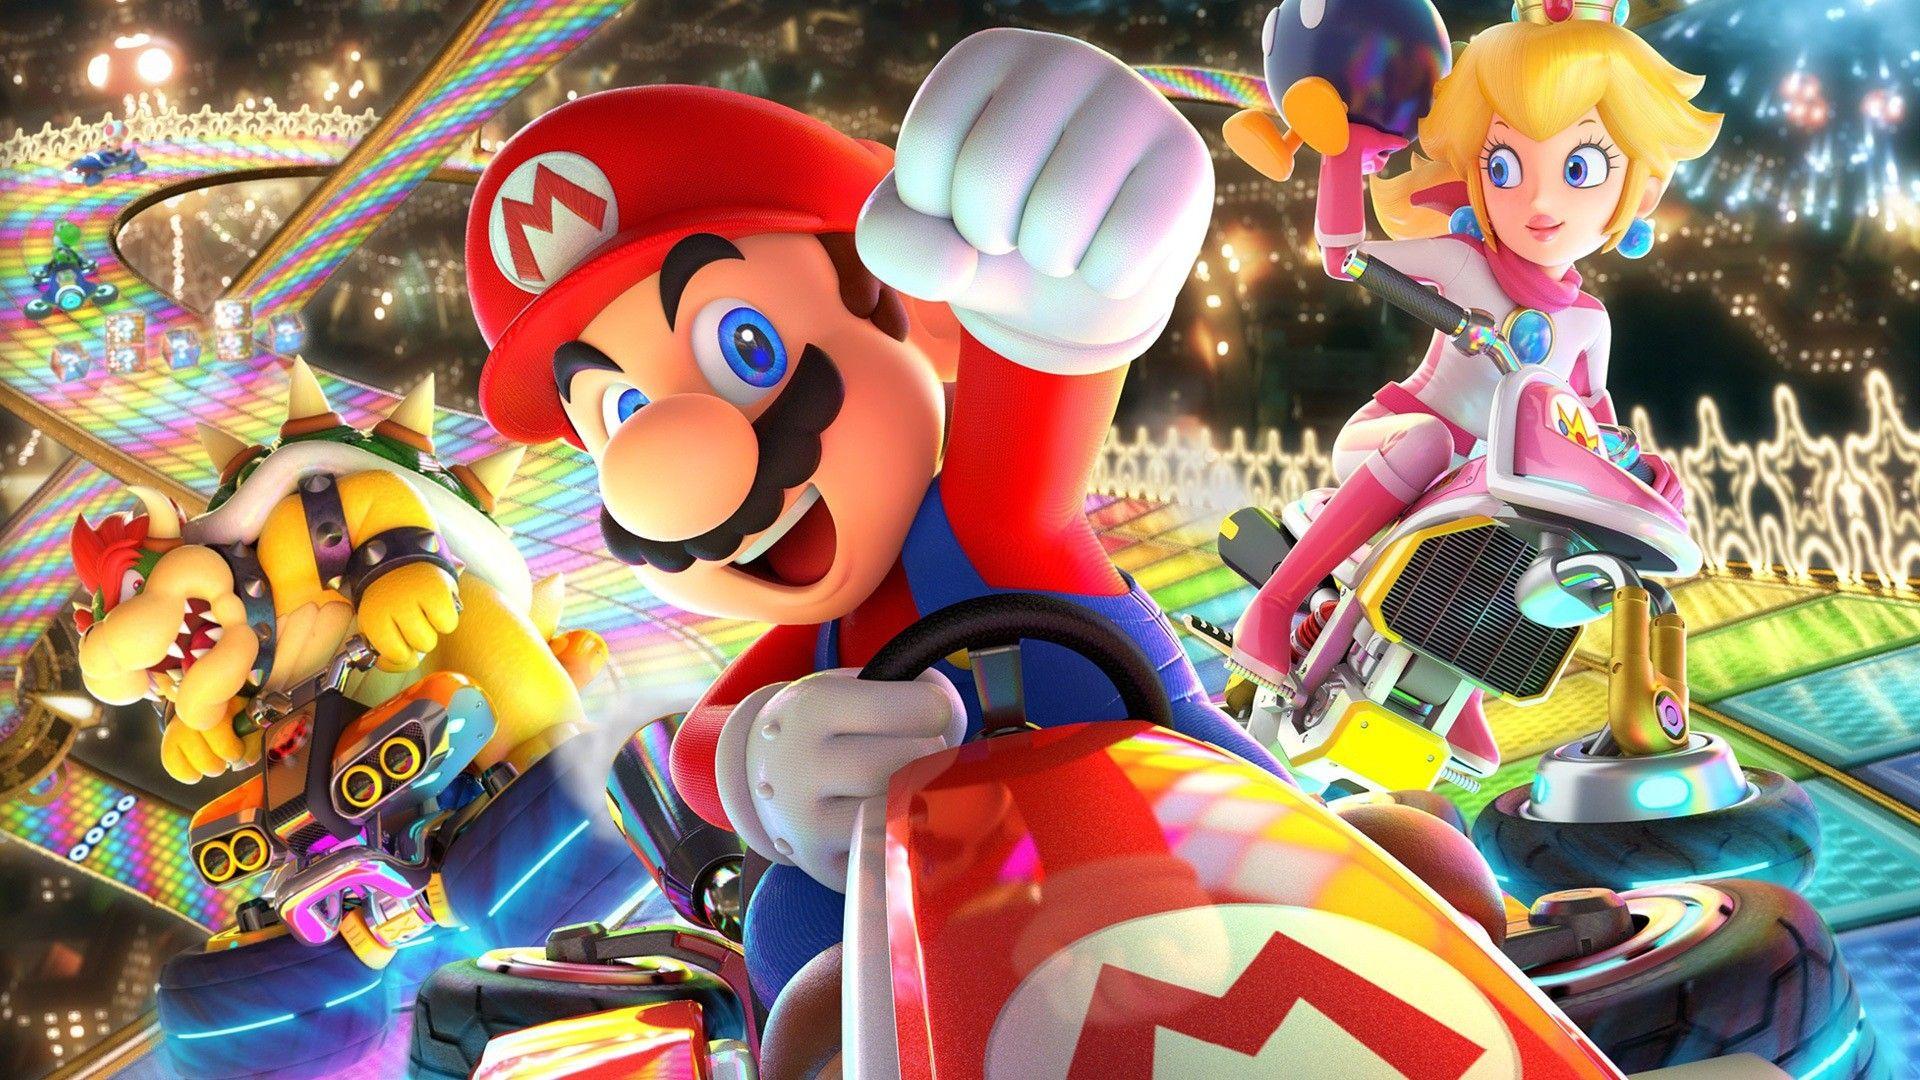 Lovely Mario Kart 8 Deluxe Iphone Wallpaper In 2020 Mario Kart Nintendo Mario Kart Mario Kart 8